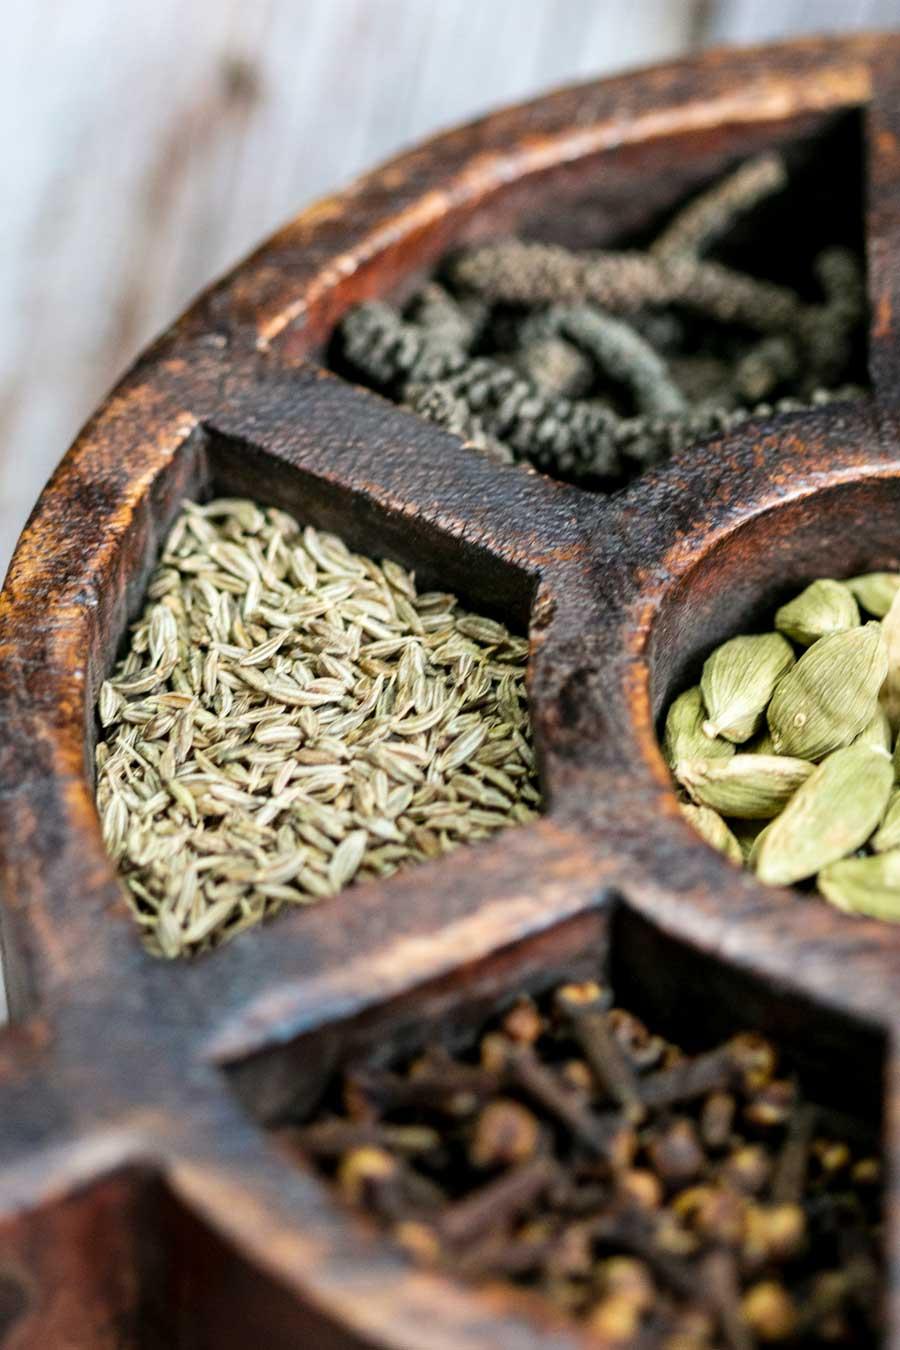 Epices sèches dans une boîte à épices en bois indienne